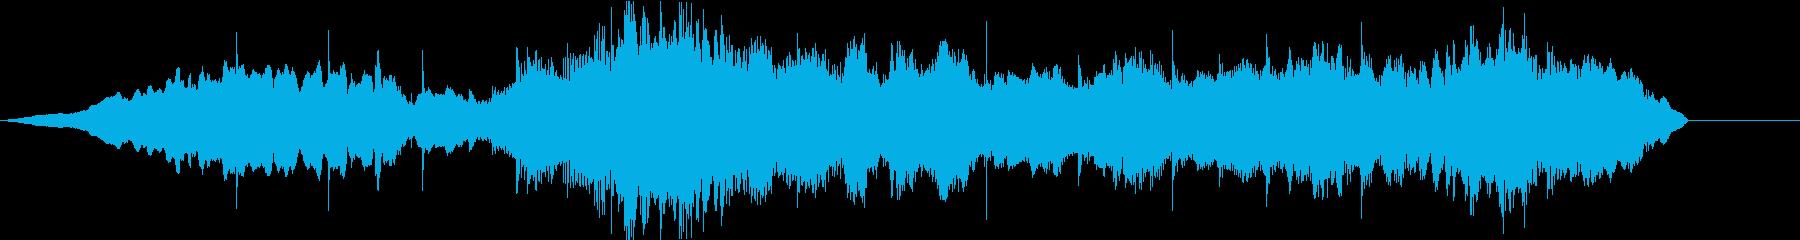 周囲の大気シンセのサウンドスケープ。の再生済みの波形